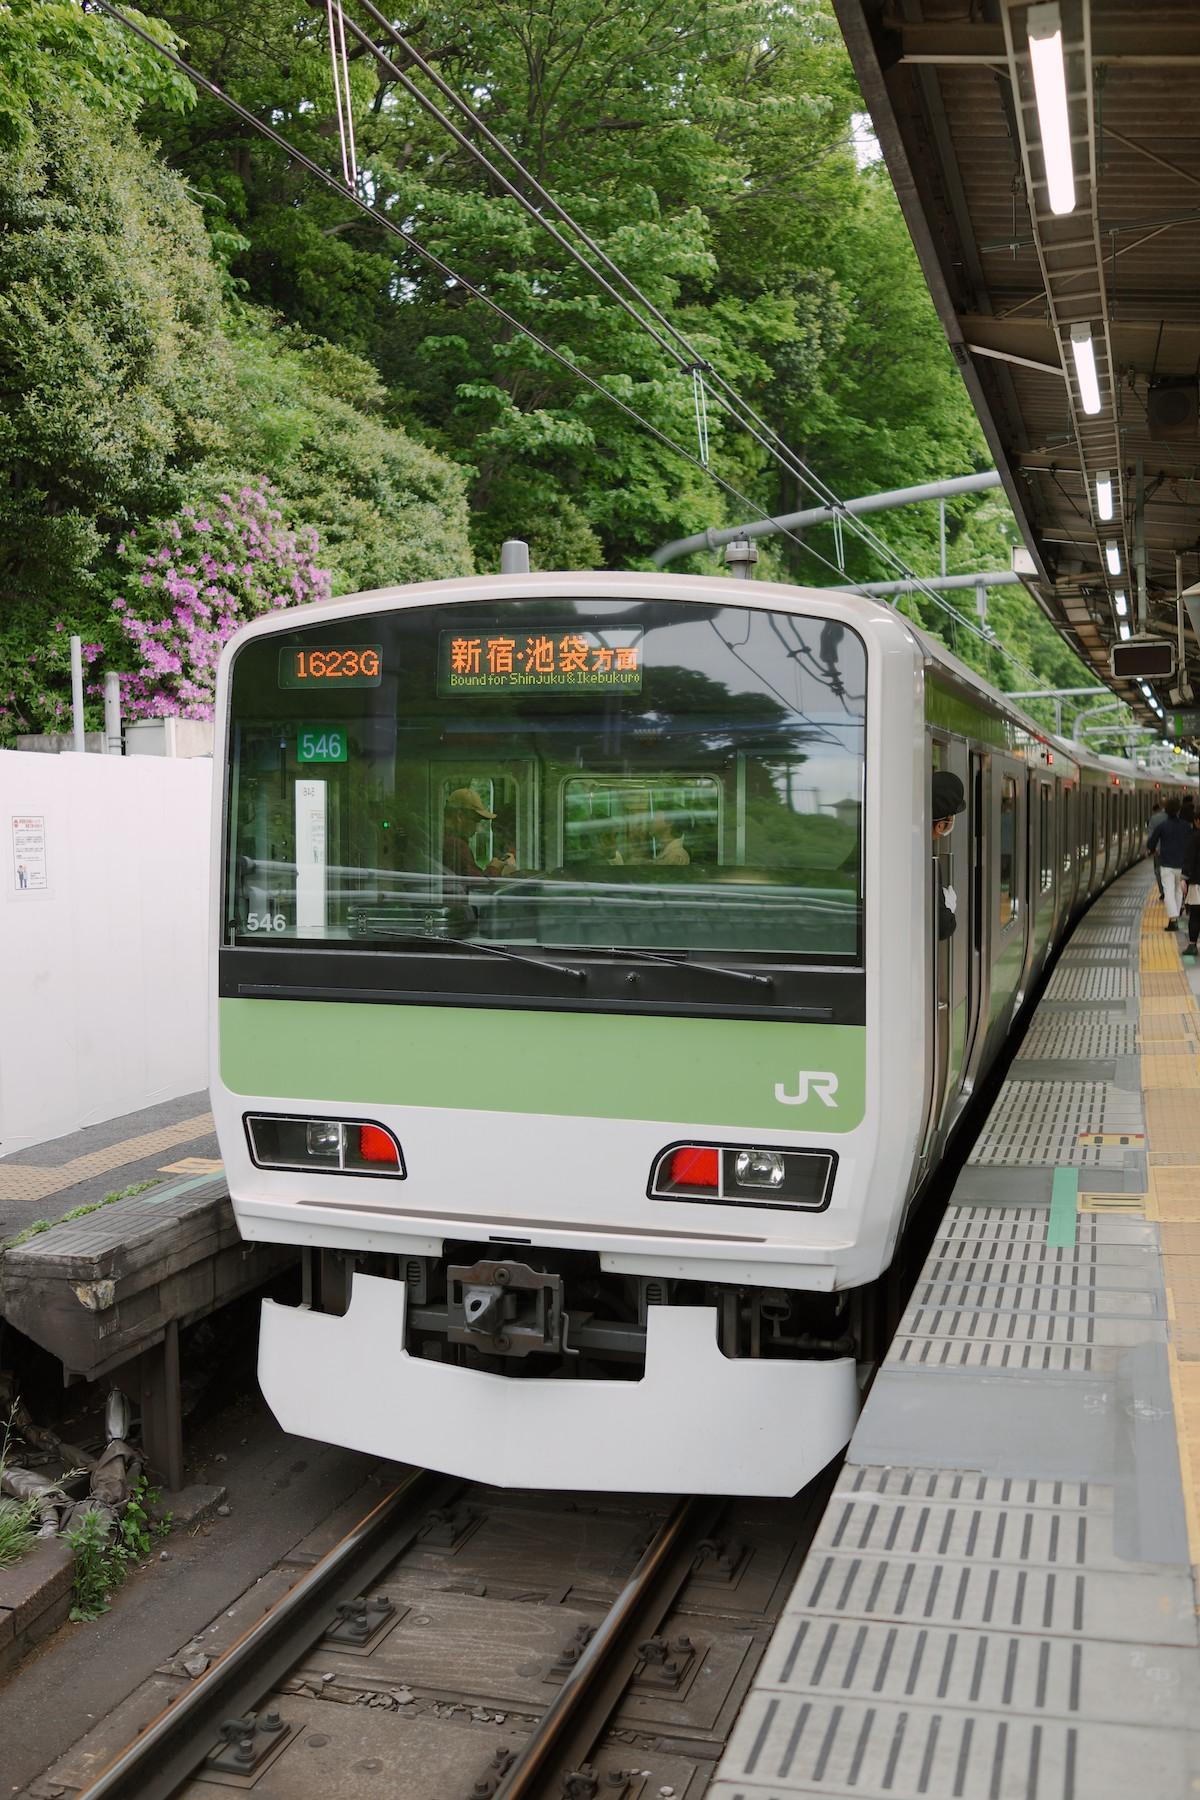 A JR train stopped at Harajuku station.